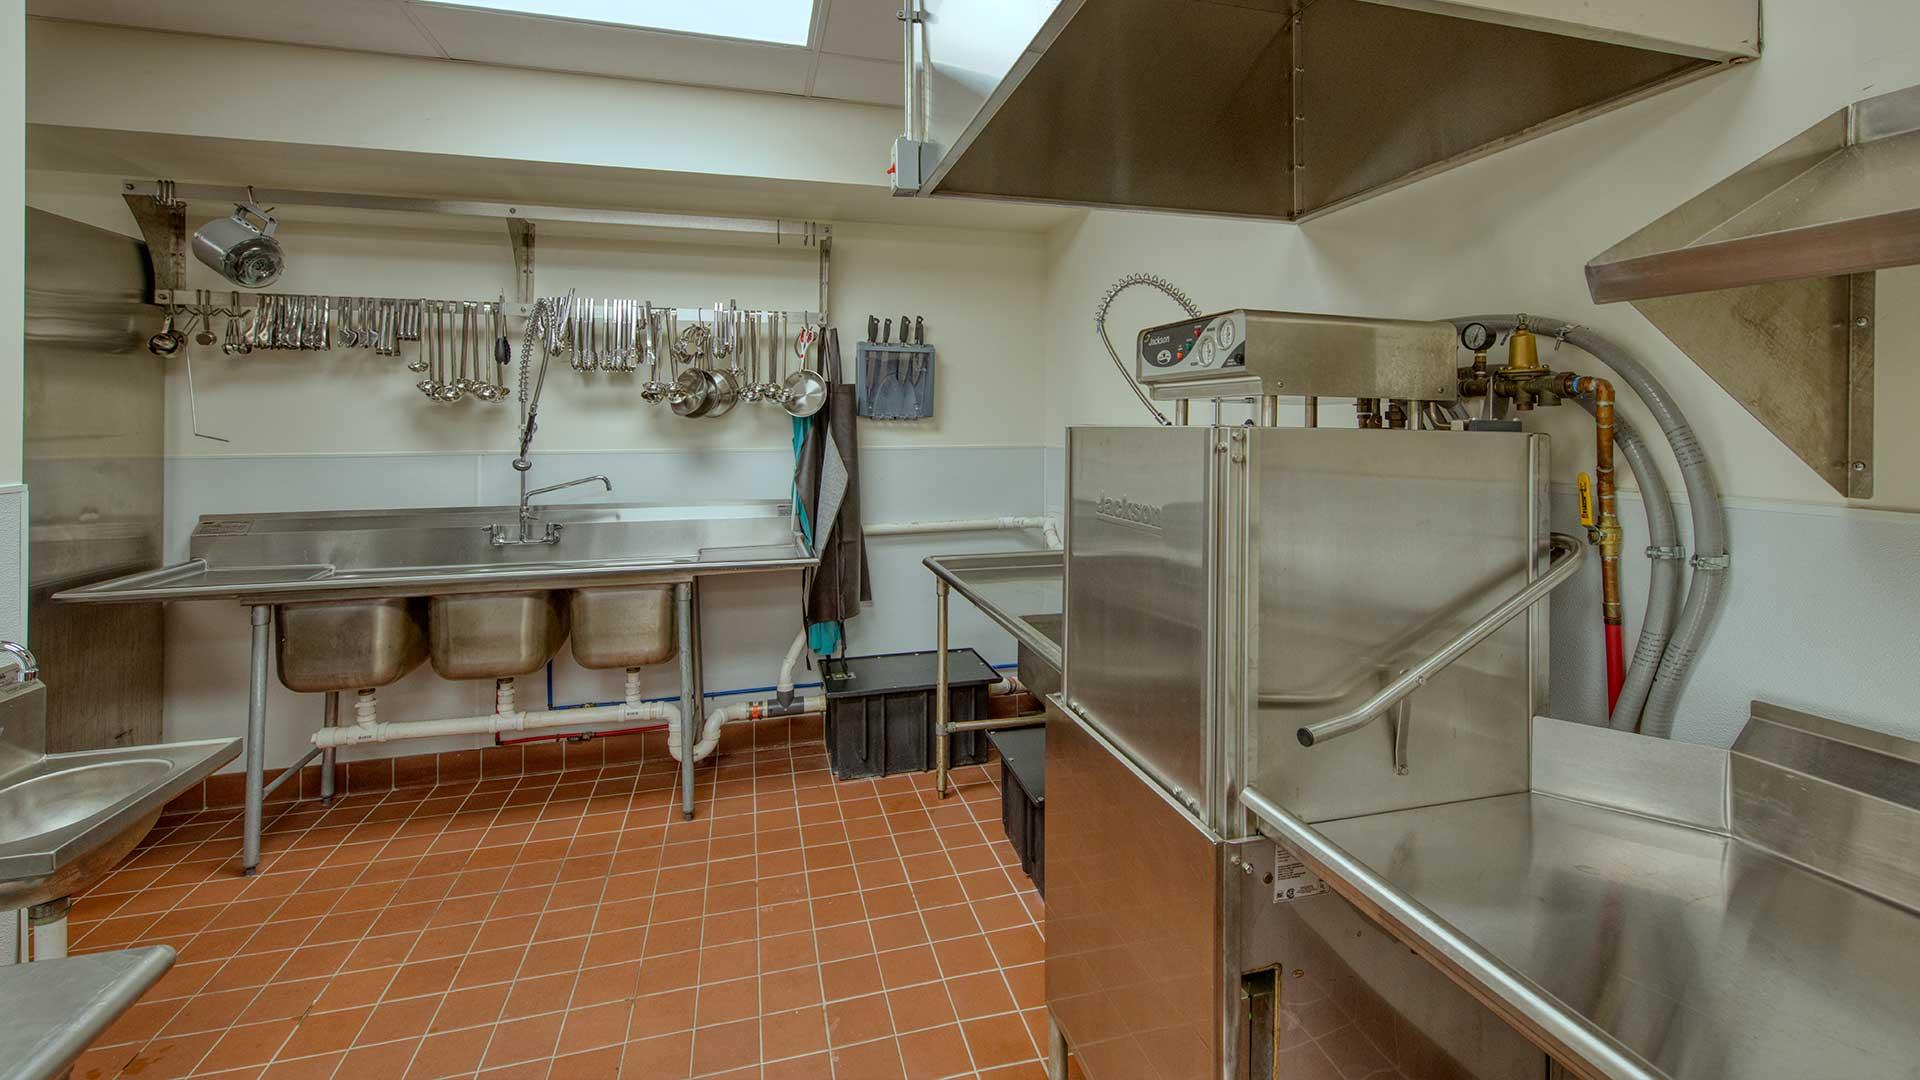 kitchenb-4.jpg